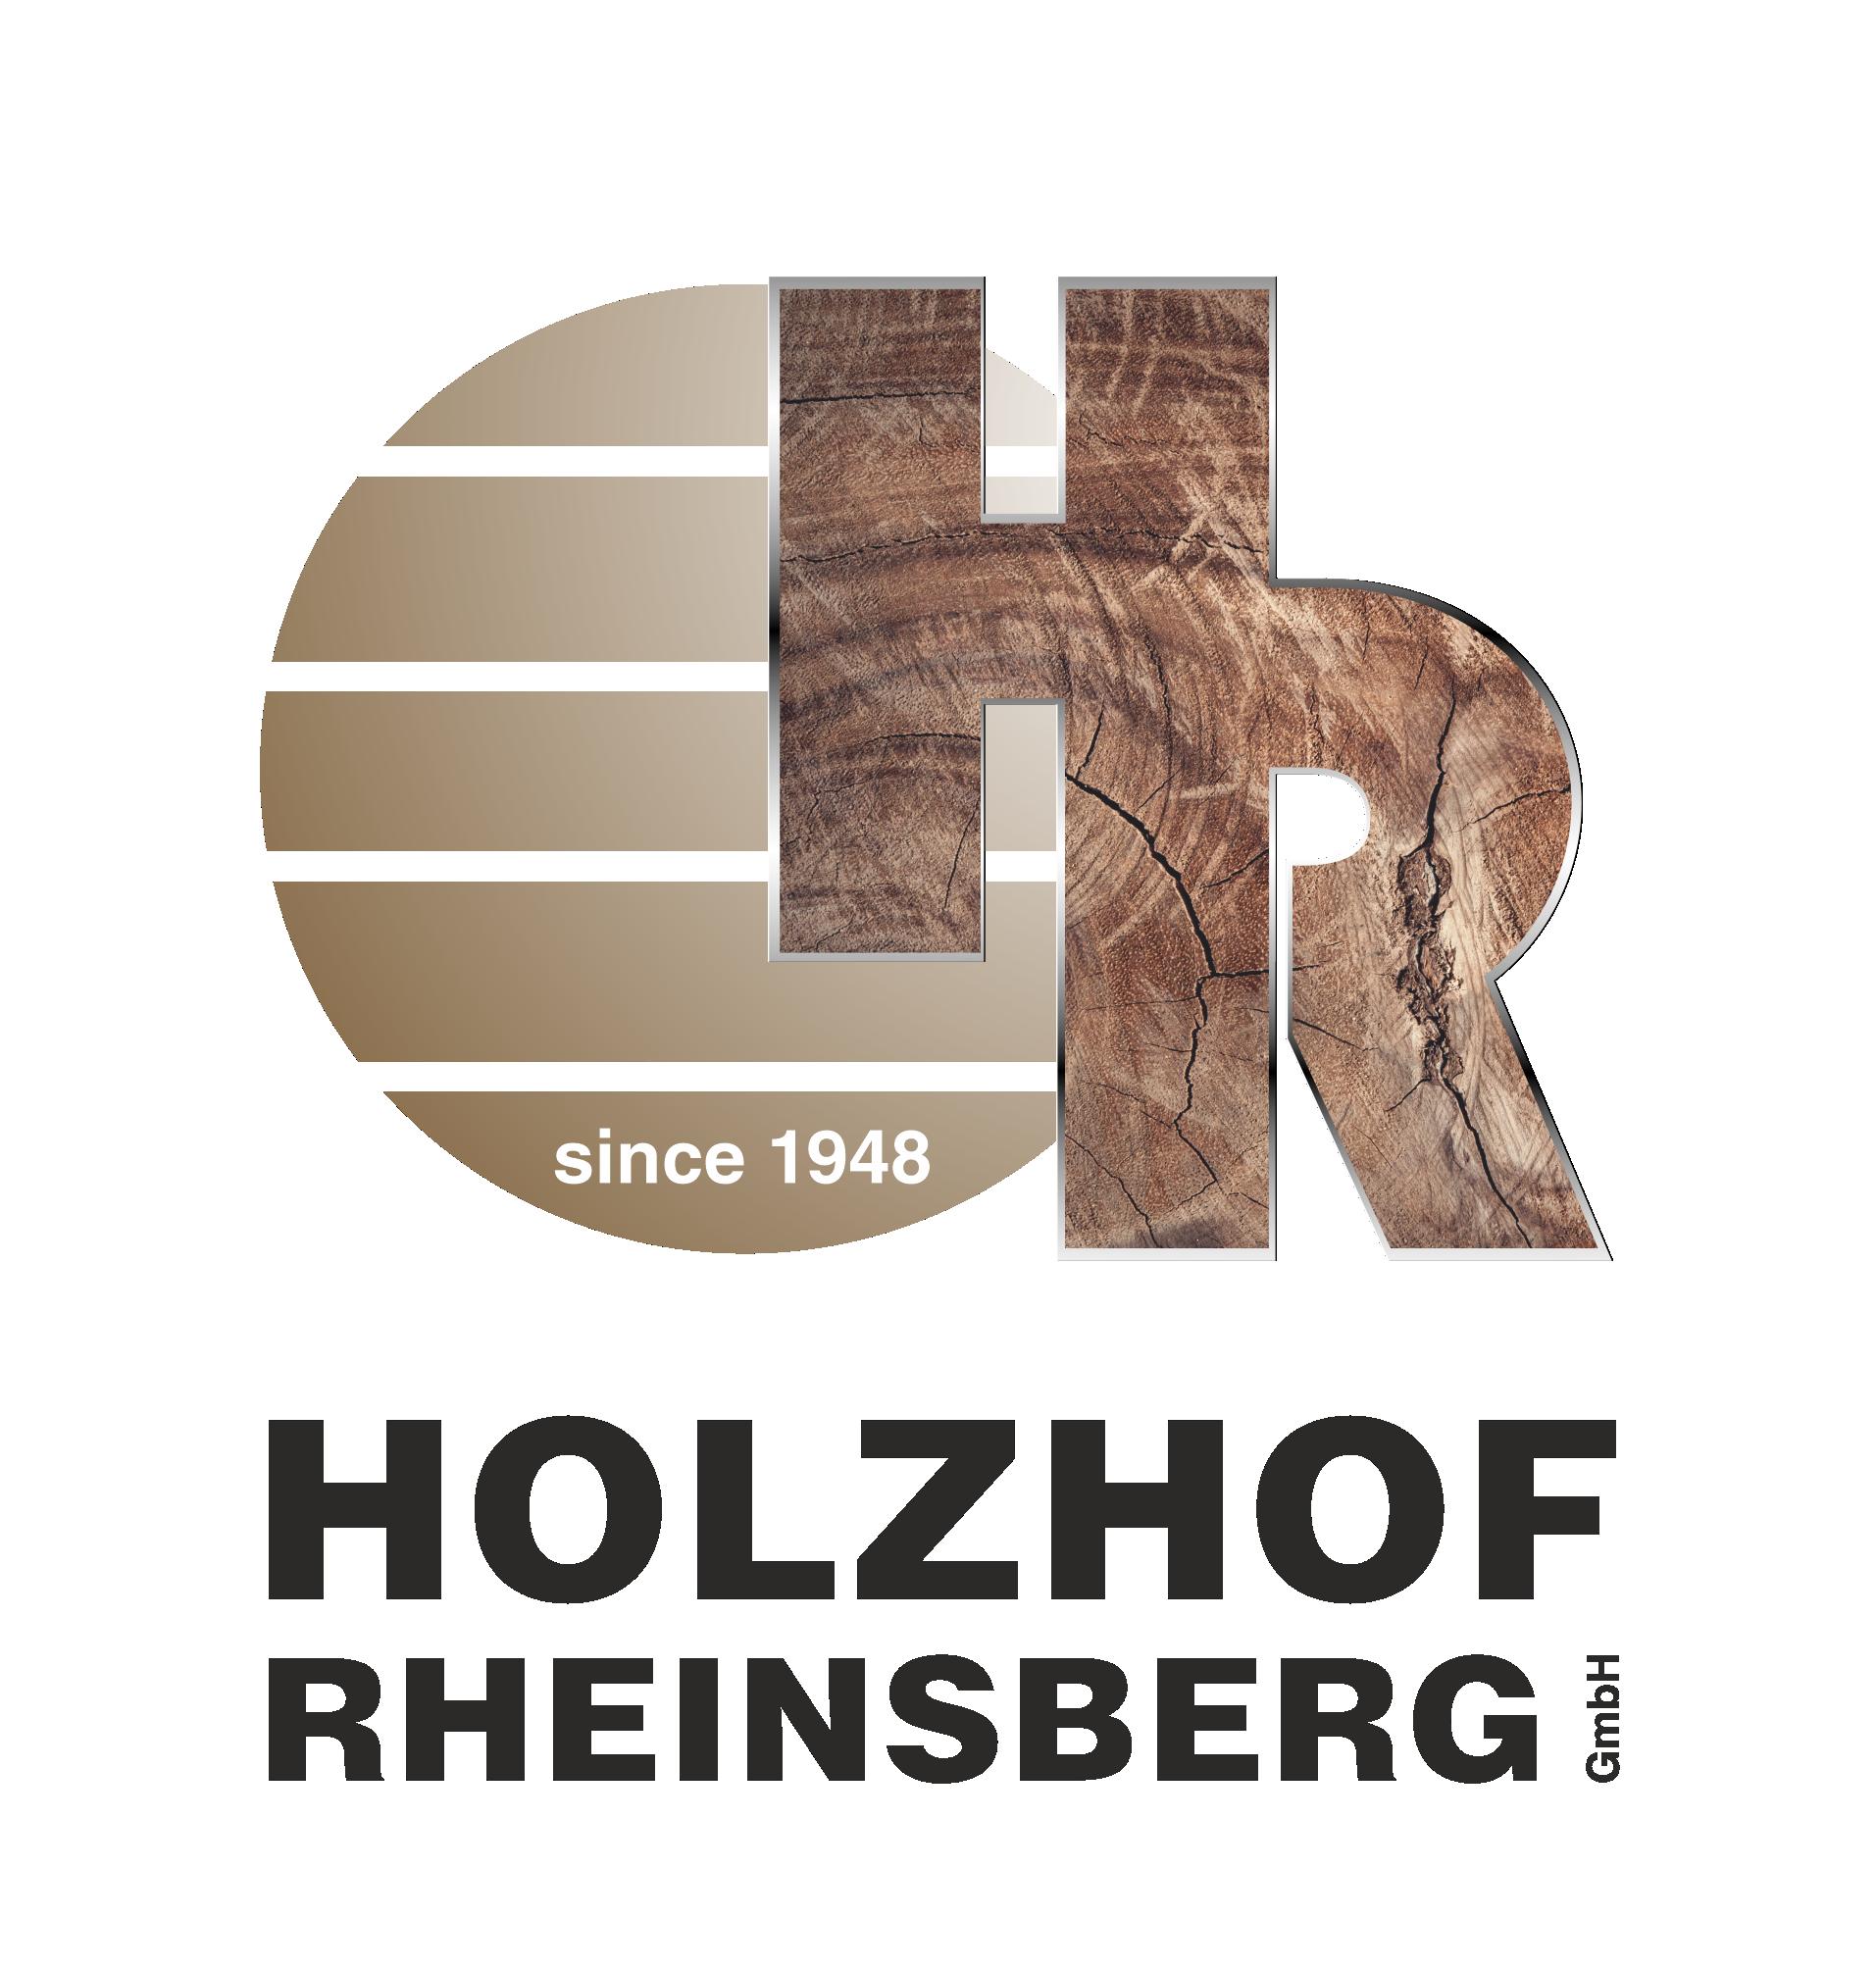 Holzhof Rheinsberg